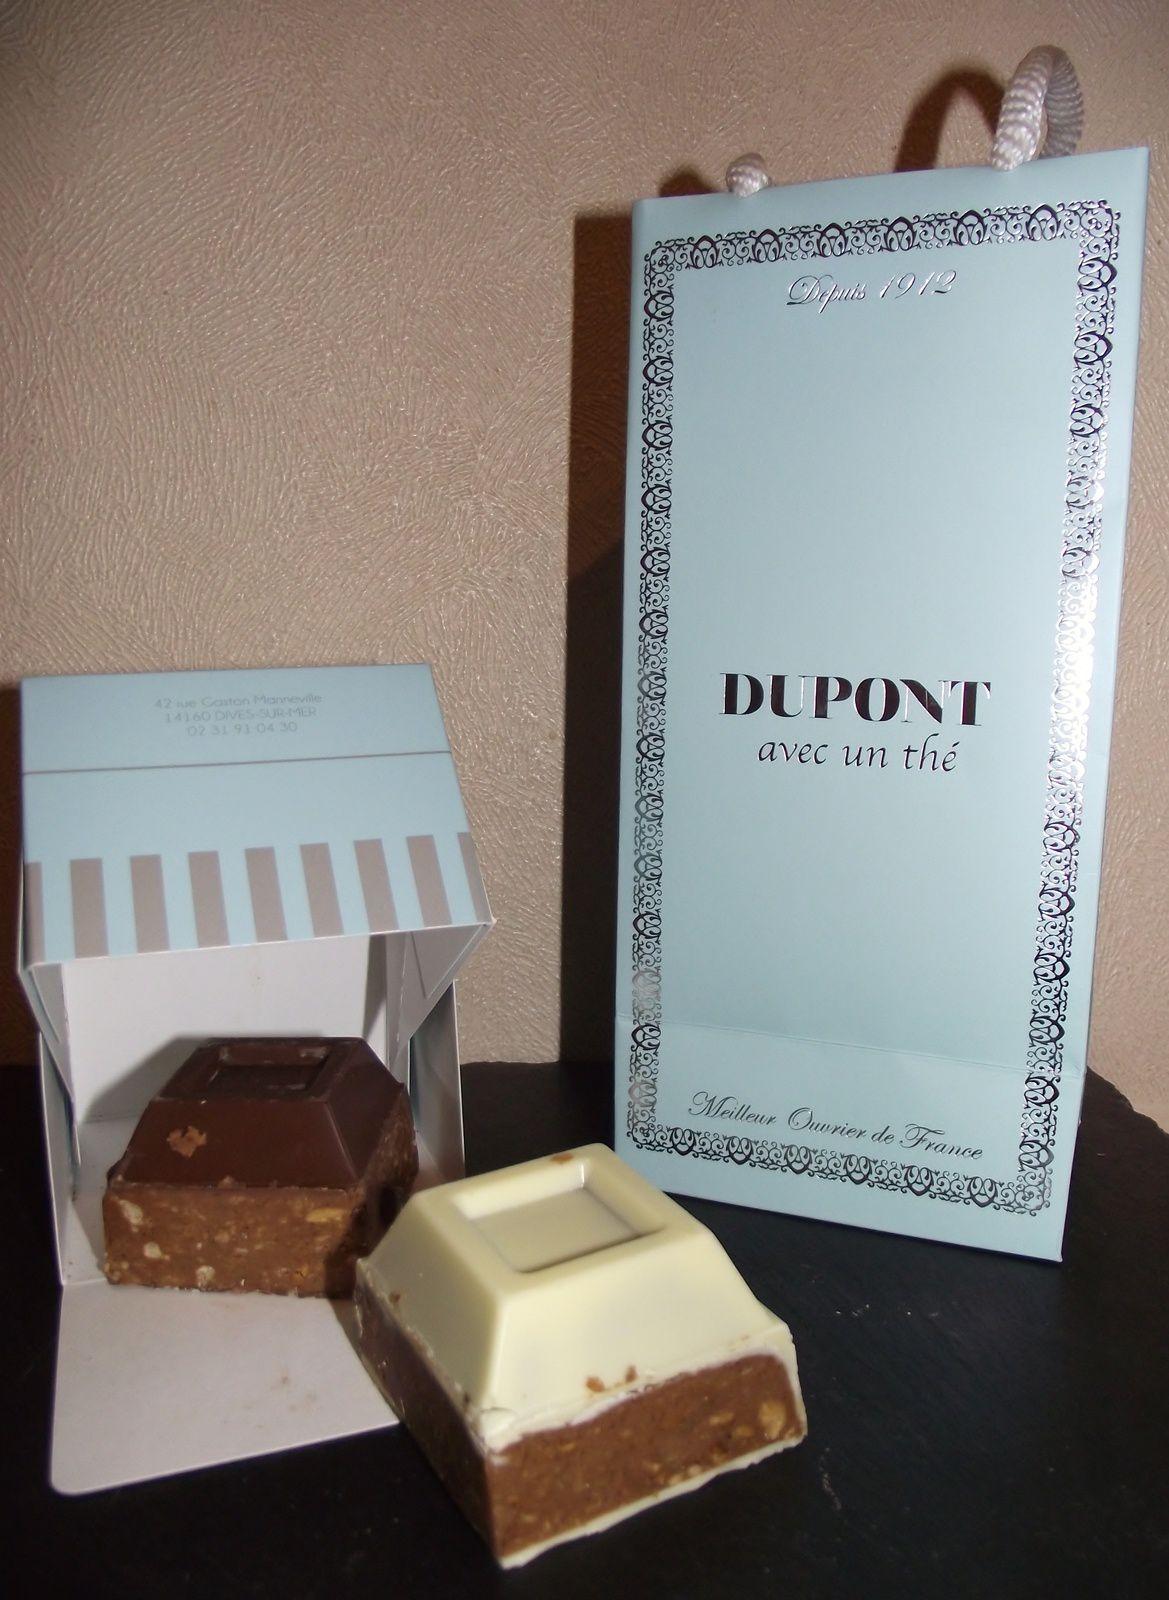 les chocolats dupont avec un th une normande en cuisine. Black Bedroom Furniture Sets. Home Design Ideas